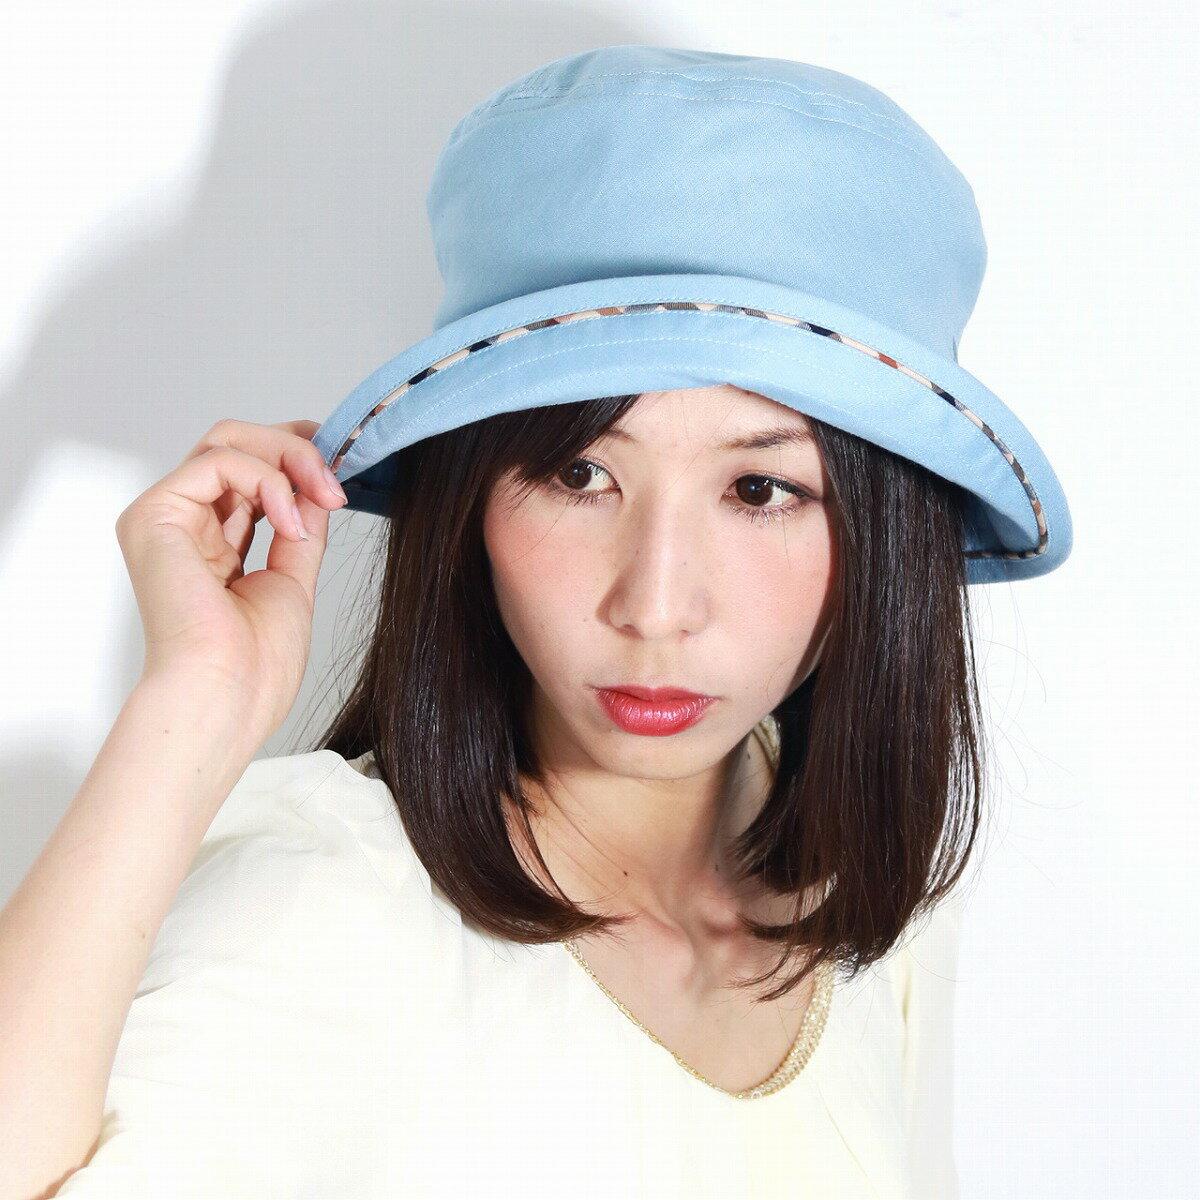 ハット レディース DAKS 帽子 UVカット オブザーハット 後ろゴム入り ミセス 日よけ ダックス つば広帽子 UV加工 綿 麻 紫外線対策 日本製 ハット 春夏 ミセスハット 無地 シンプル / 青 ブルー [ hat ] 母の日 ギフト プレゼント